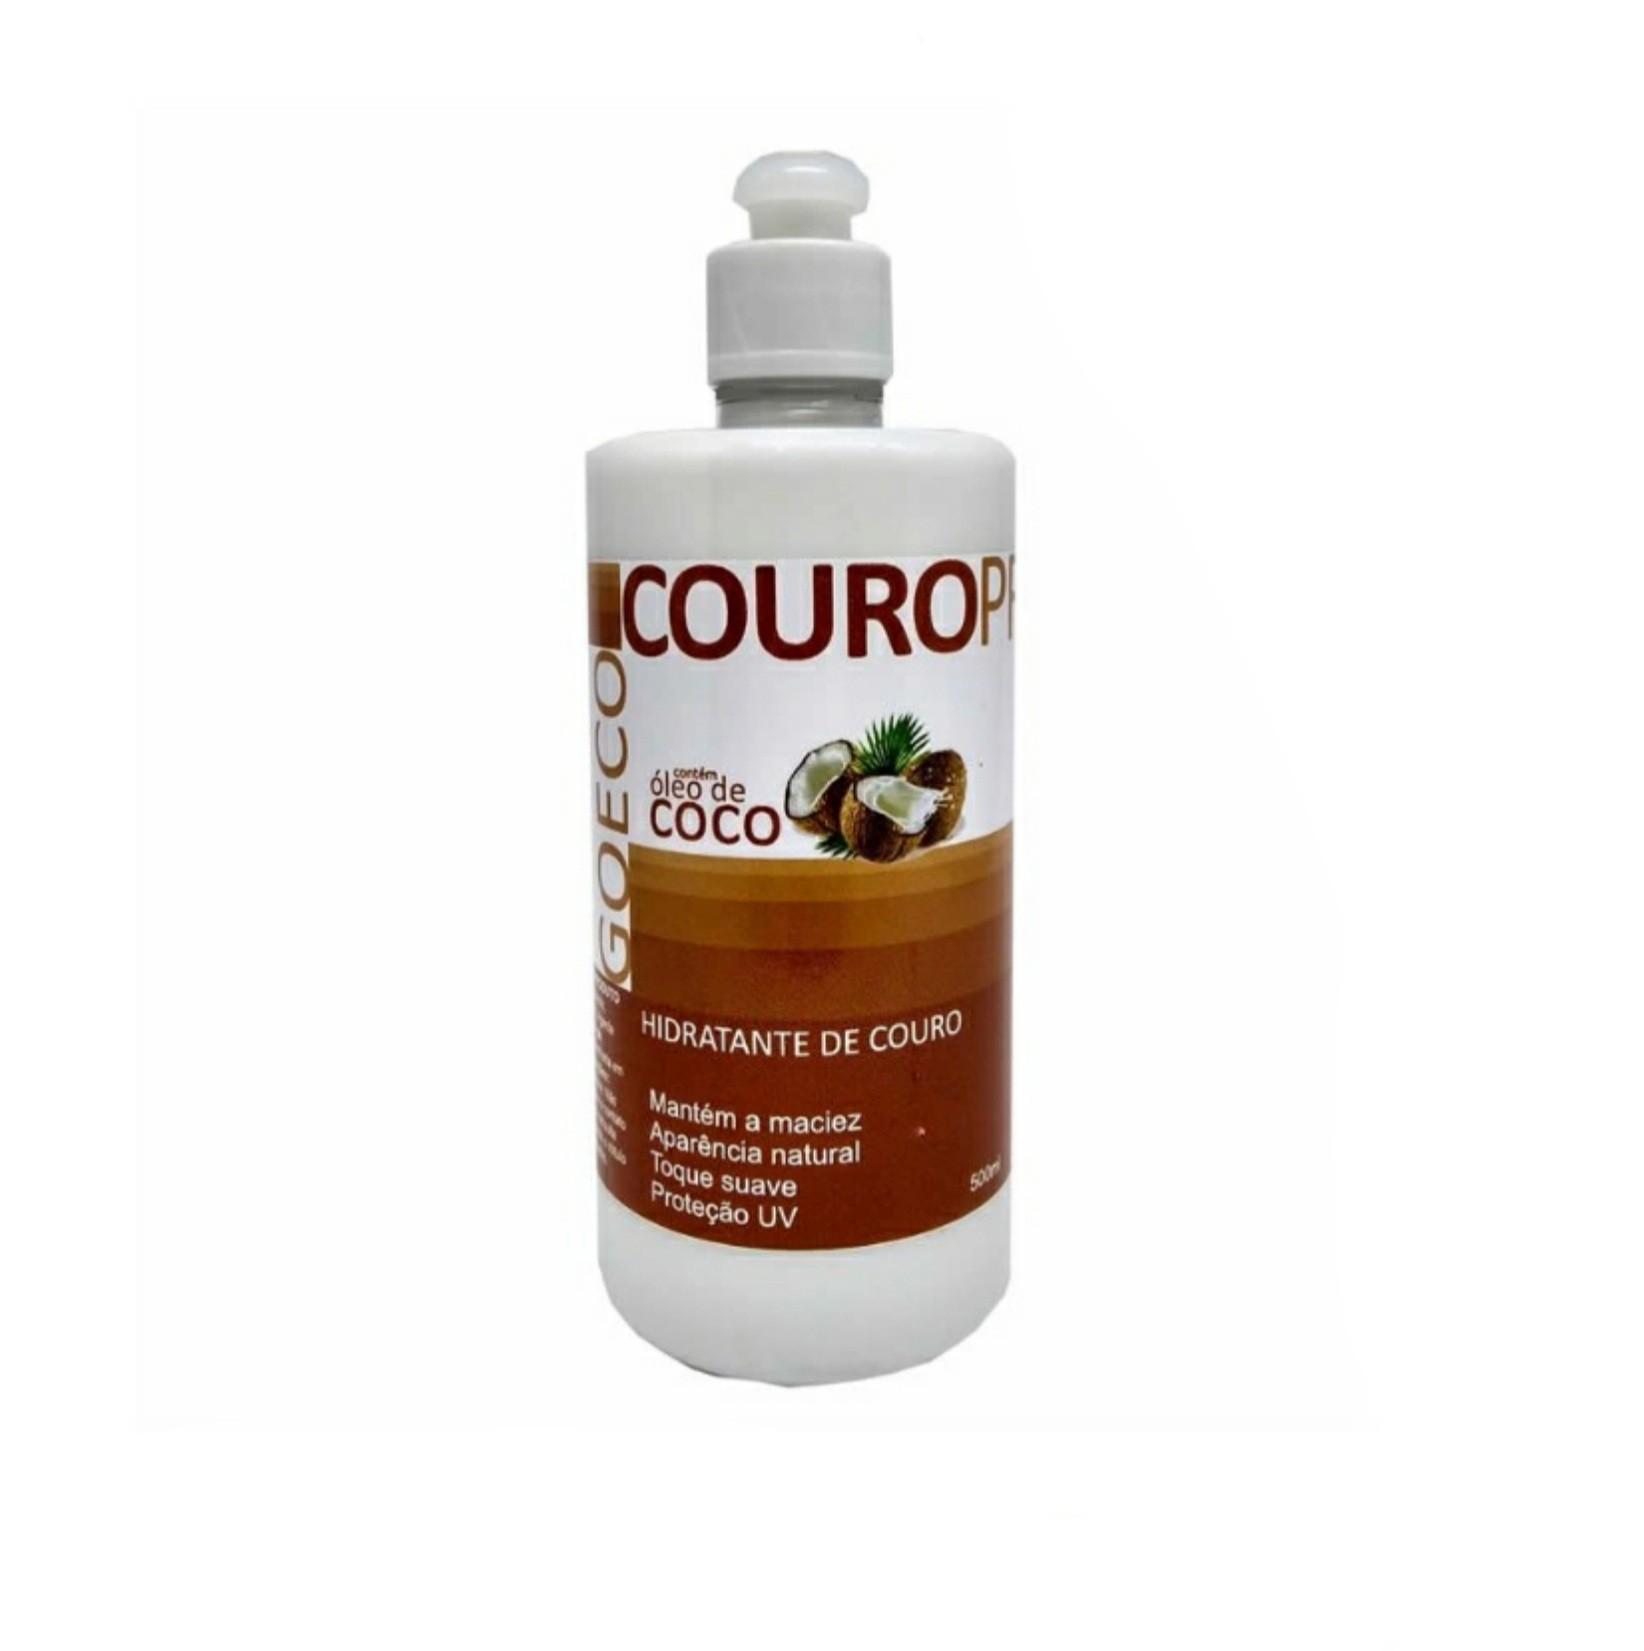 CouroPro 500ml - Hidratante de Couro com óleo de coco